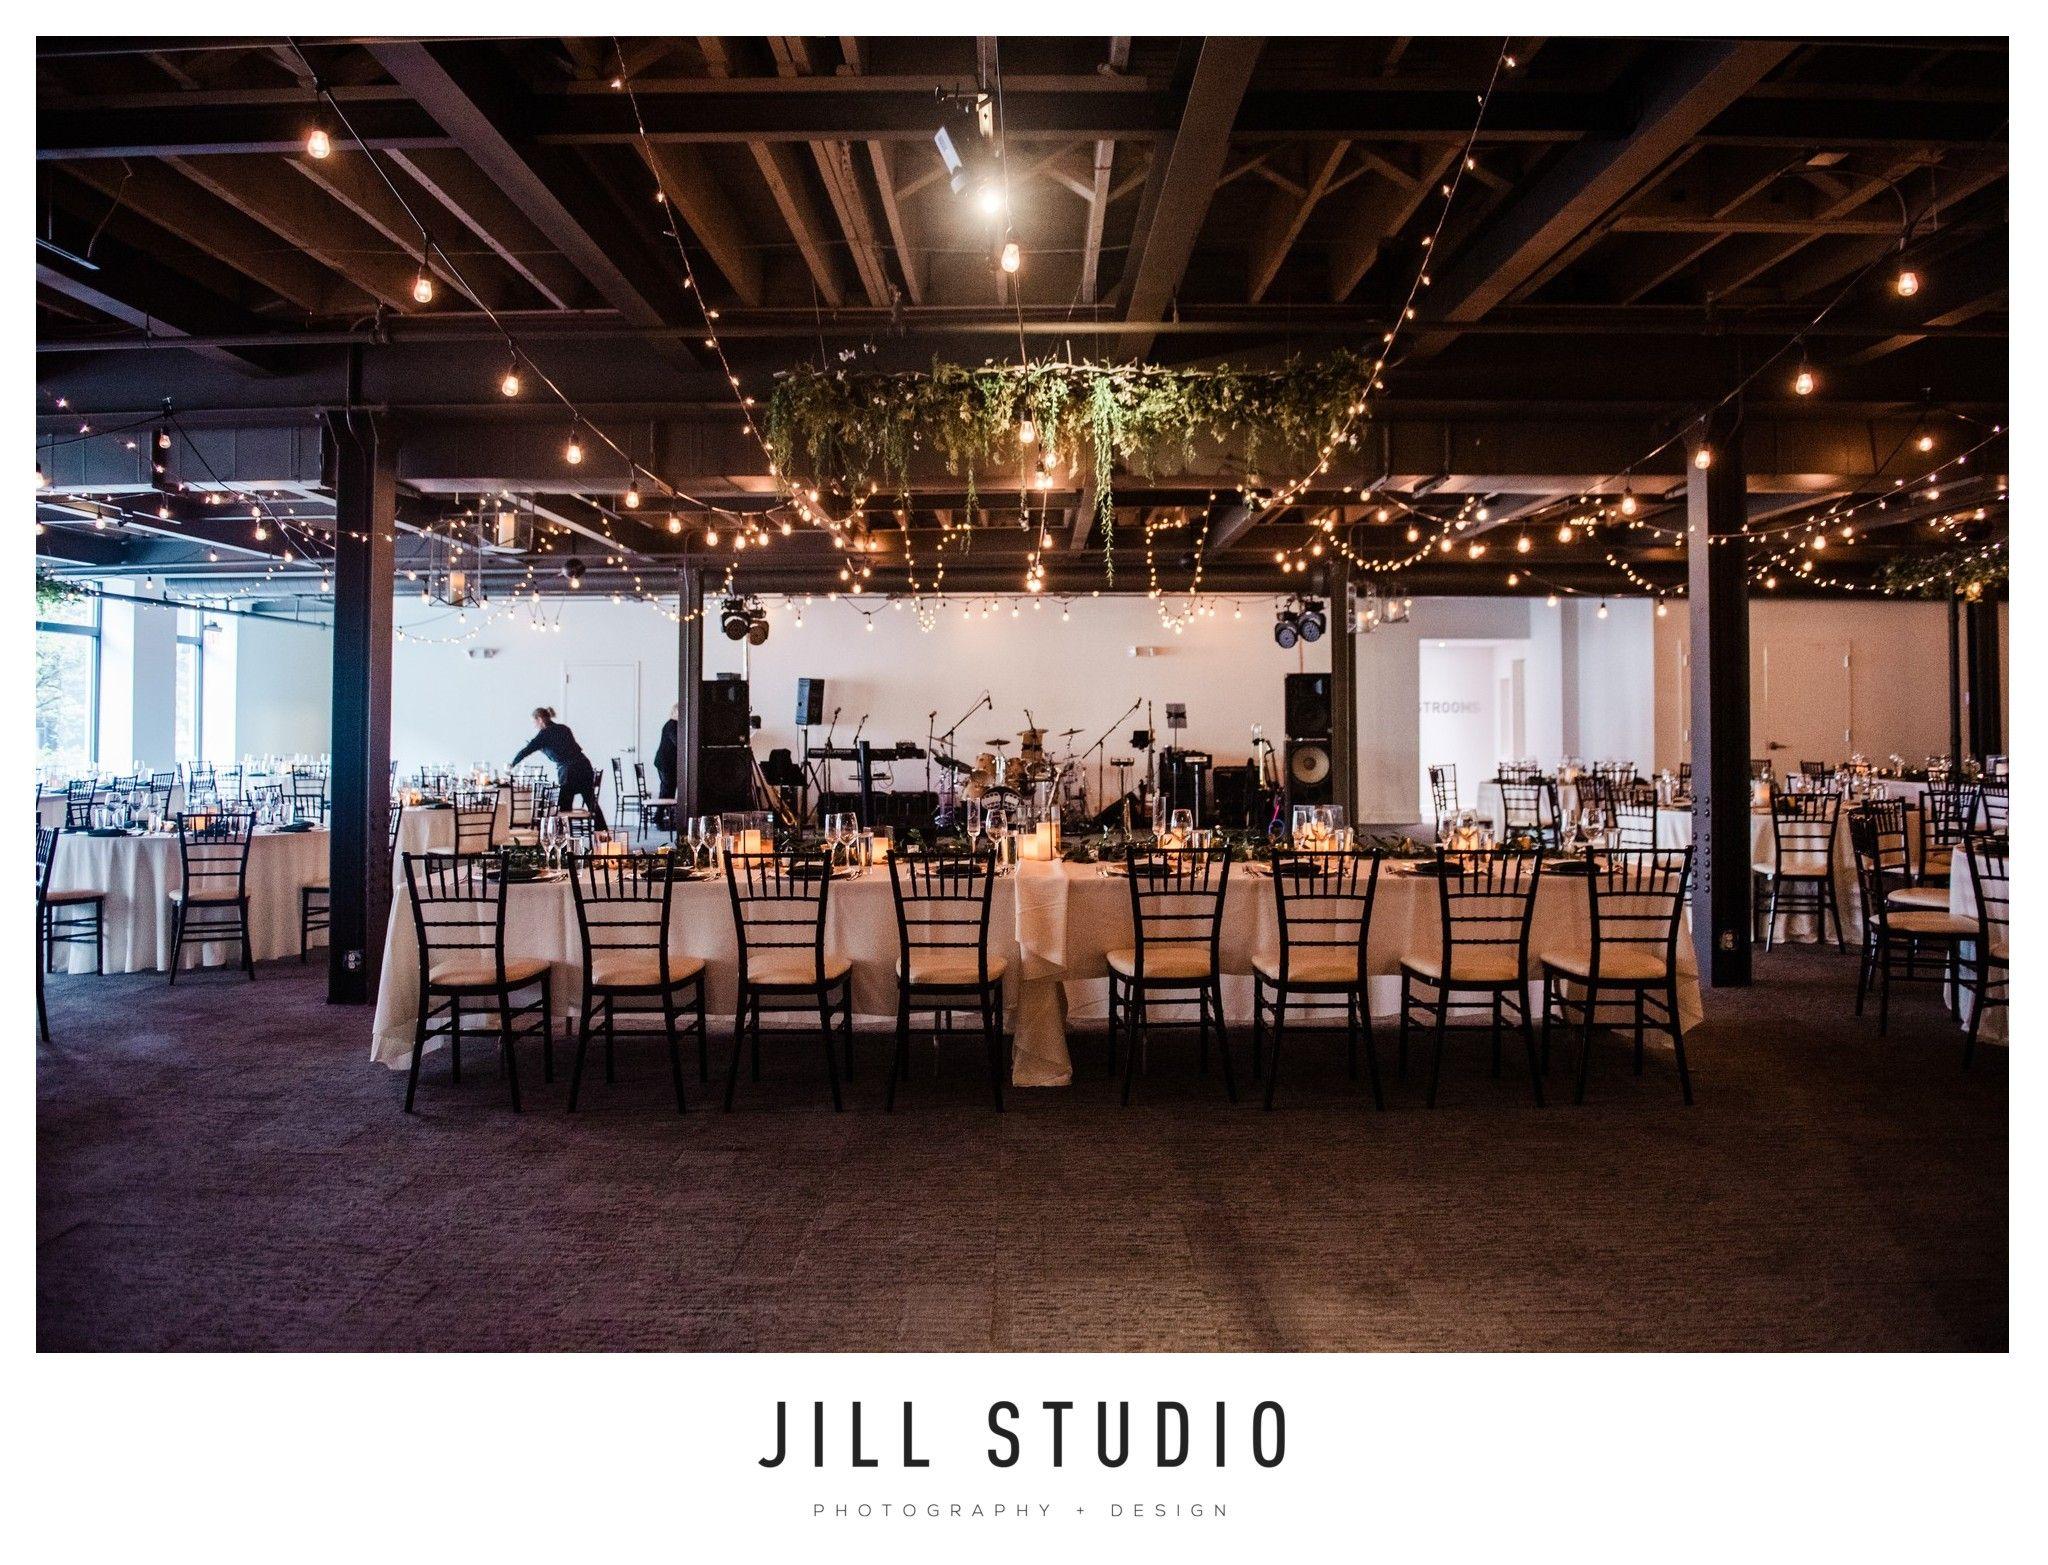 37+ Winery wedding venues syracuse ny info